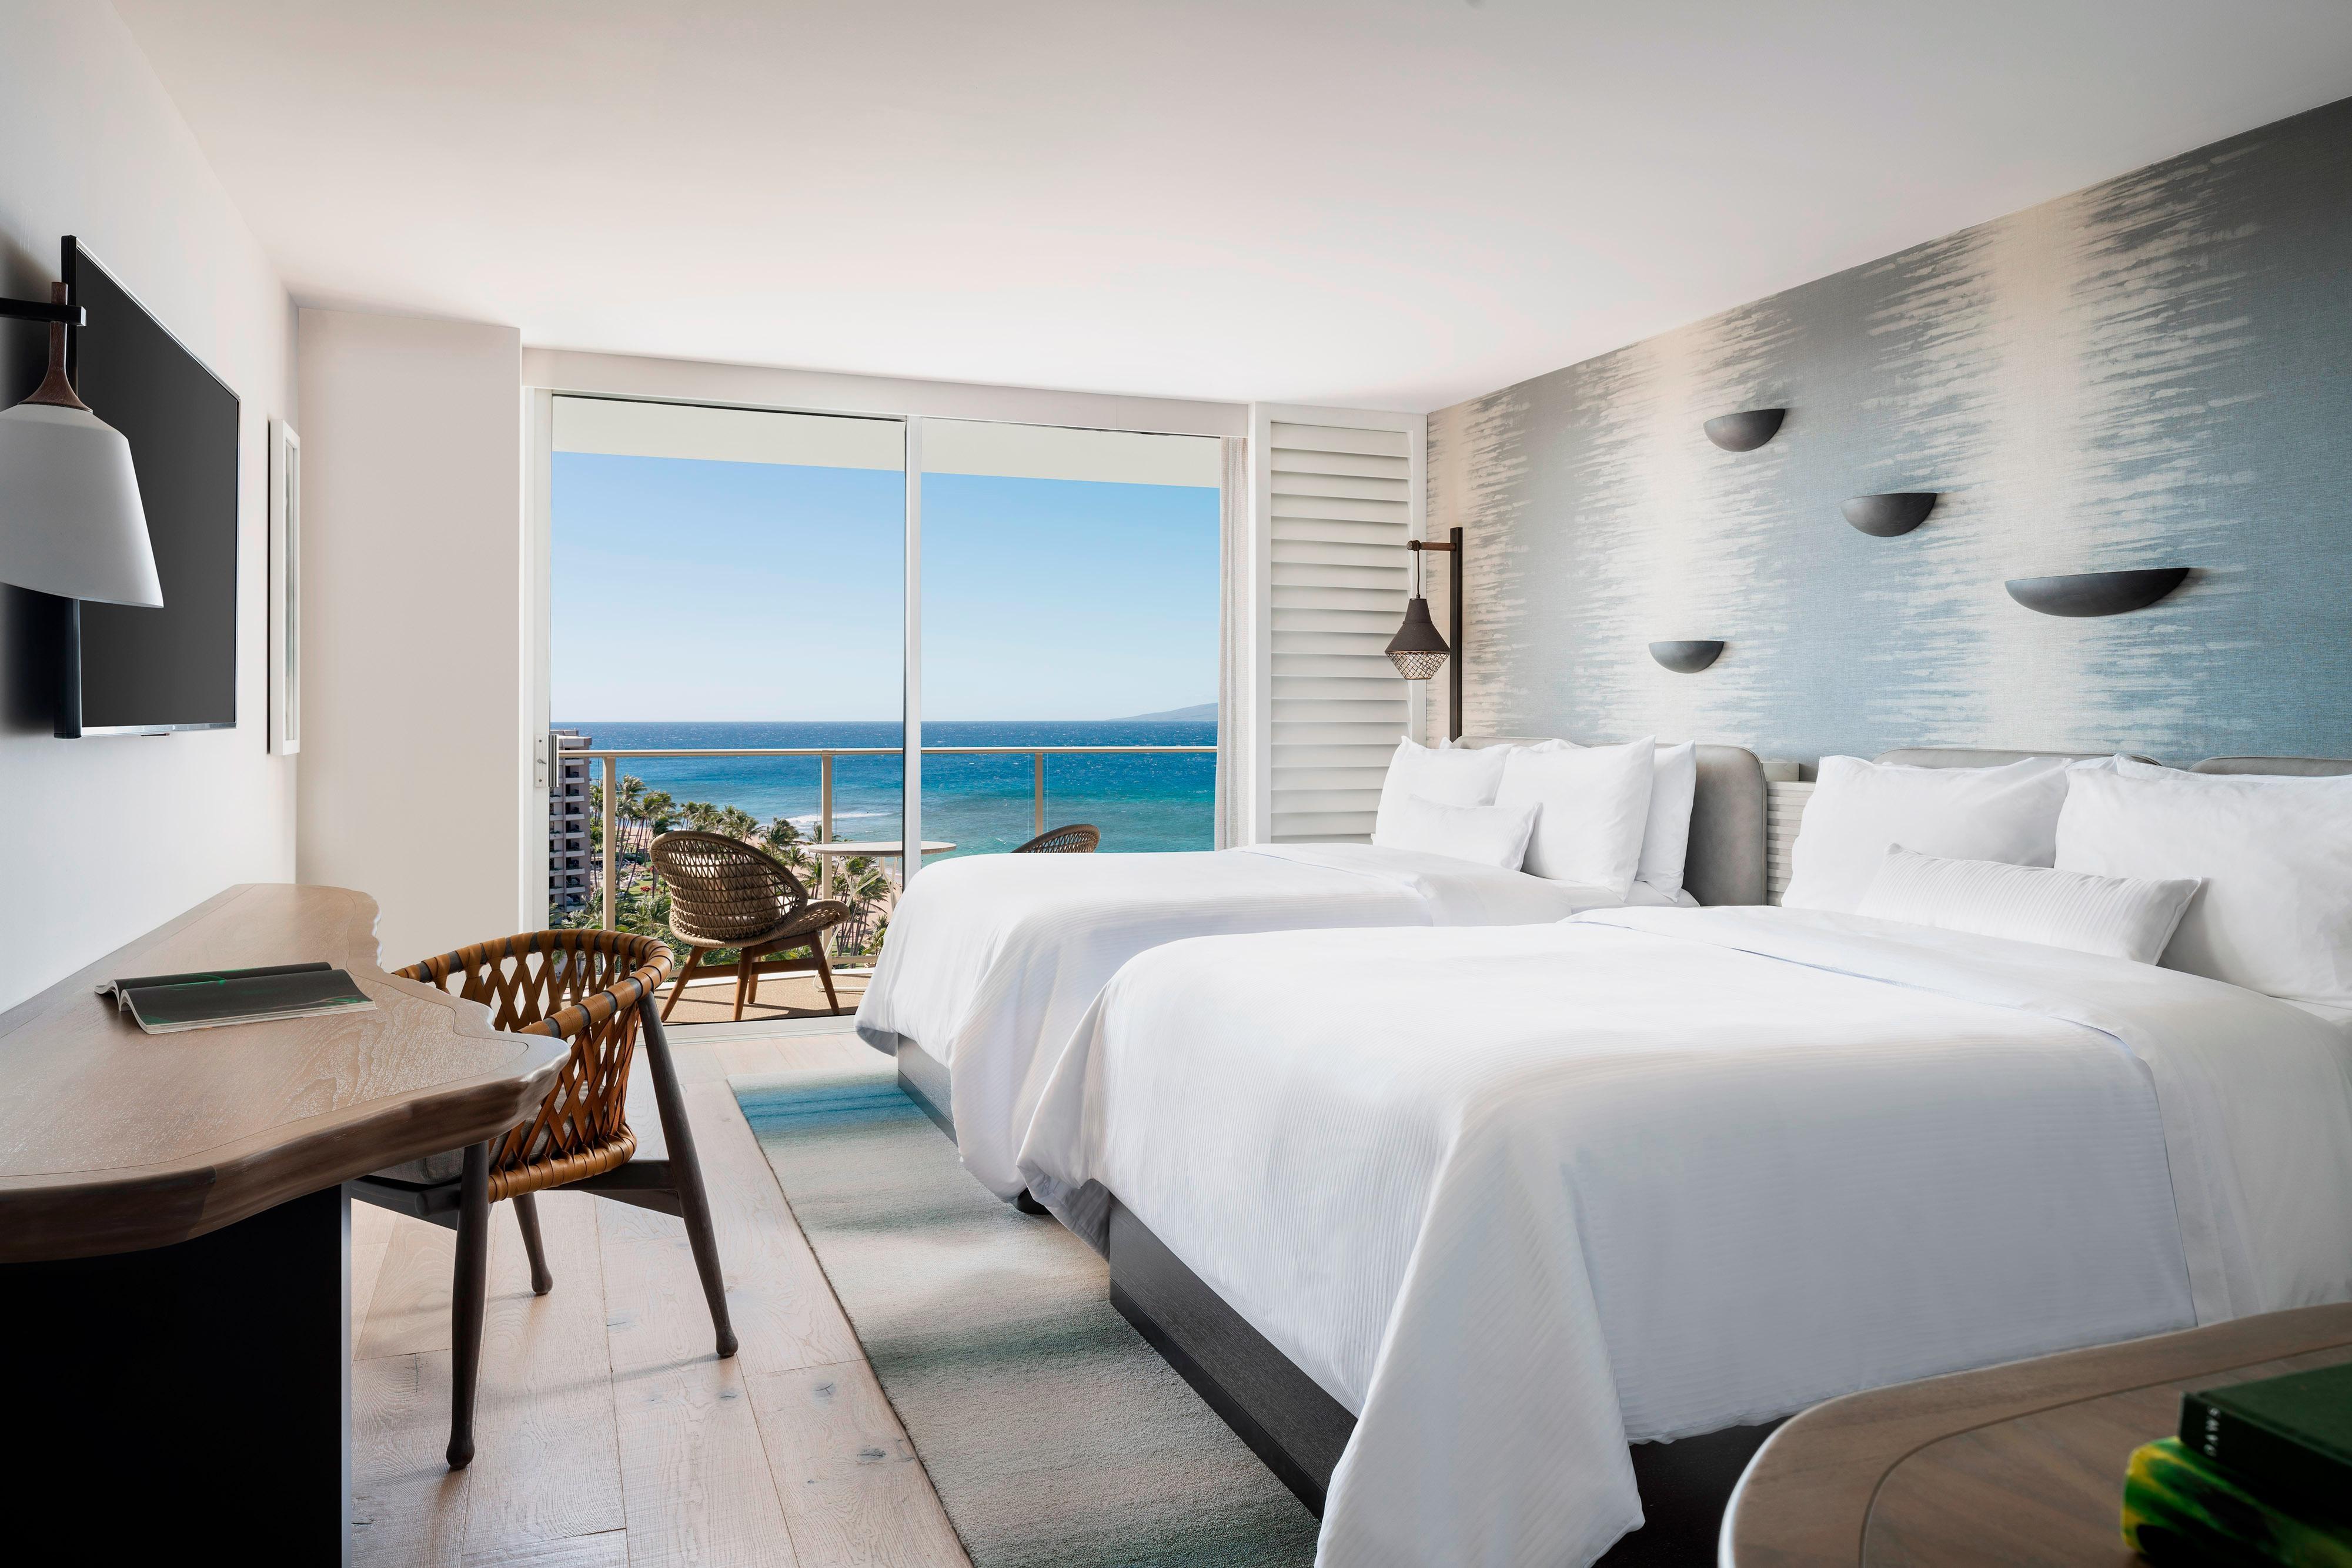 Luxury Ocean View Double Queen Room